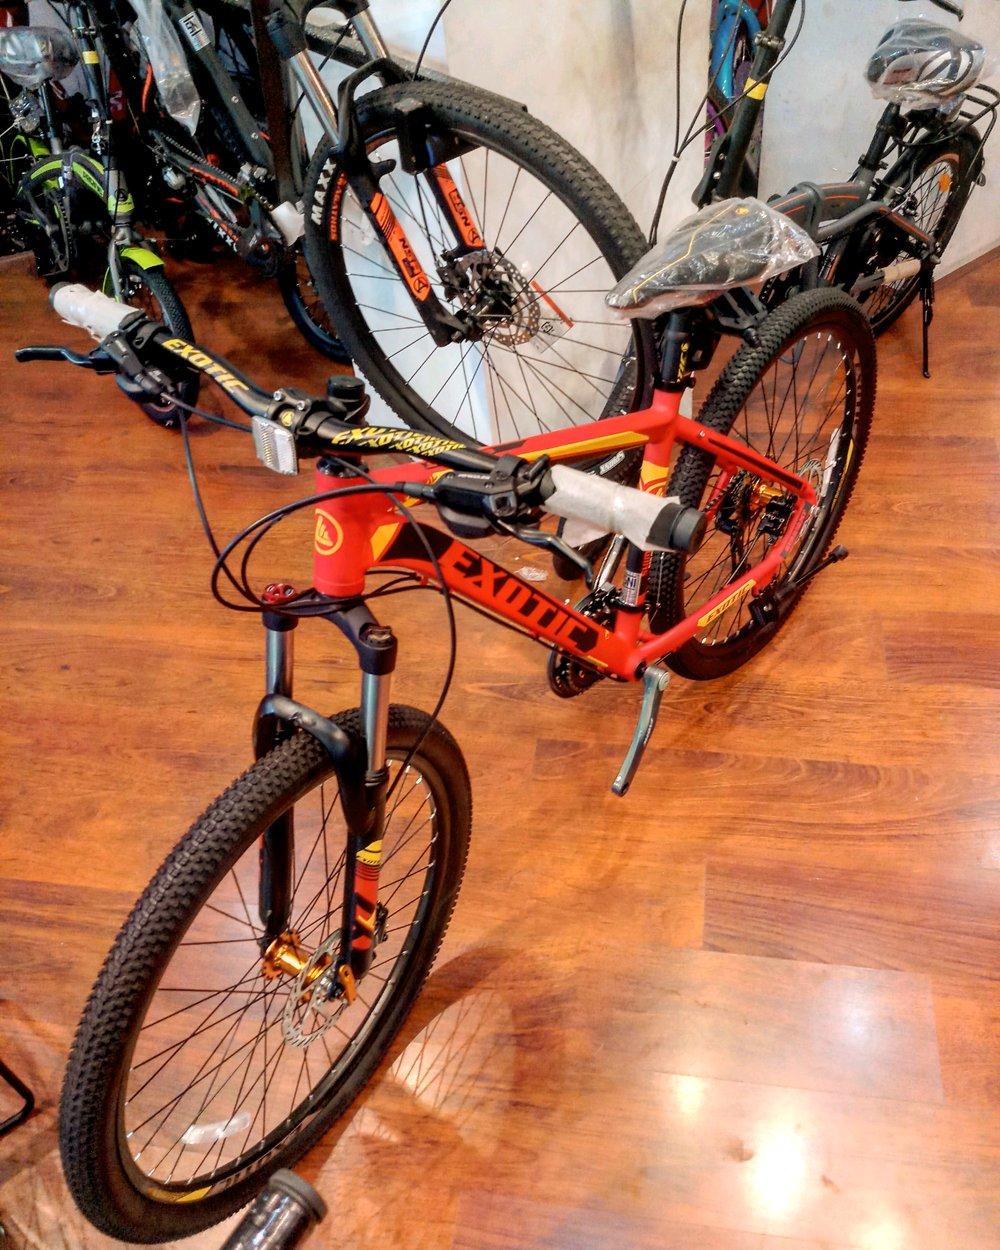 Jual Sepeda Mtb Exotic 2612 xt 9 speed di lapak Laksana ...